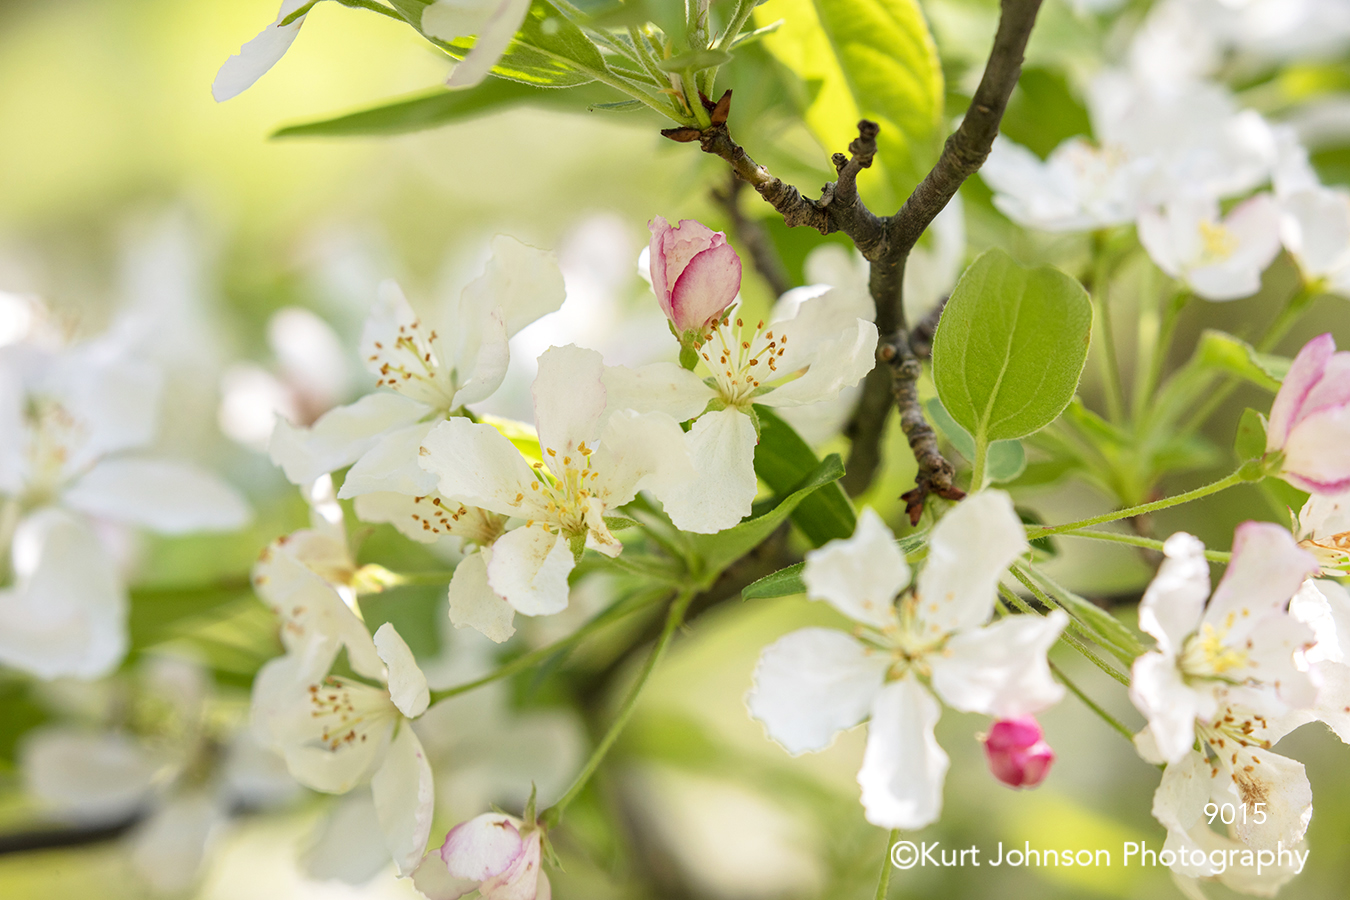 spring white pink flowering branch bud blooms tree green leaves flowers flower